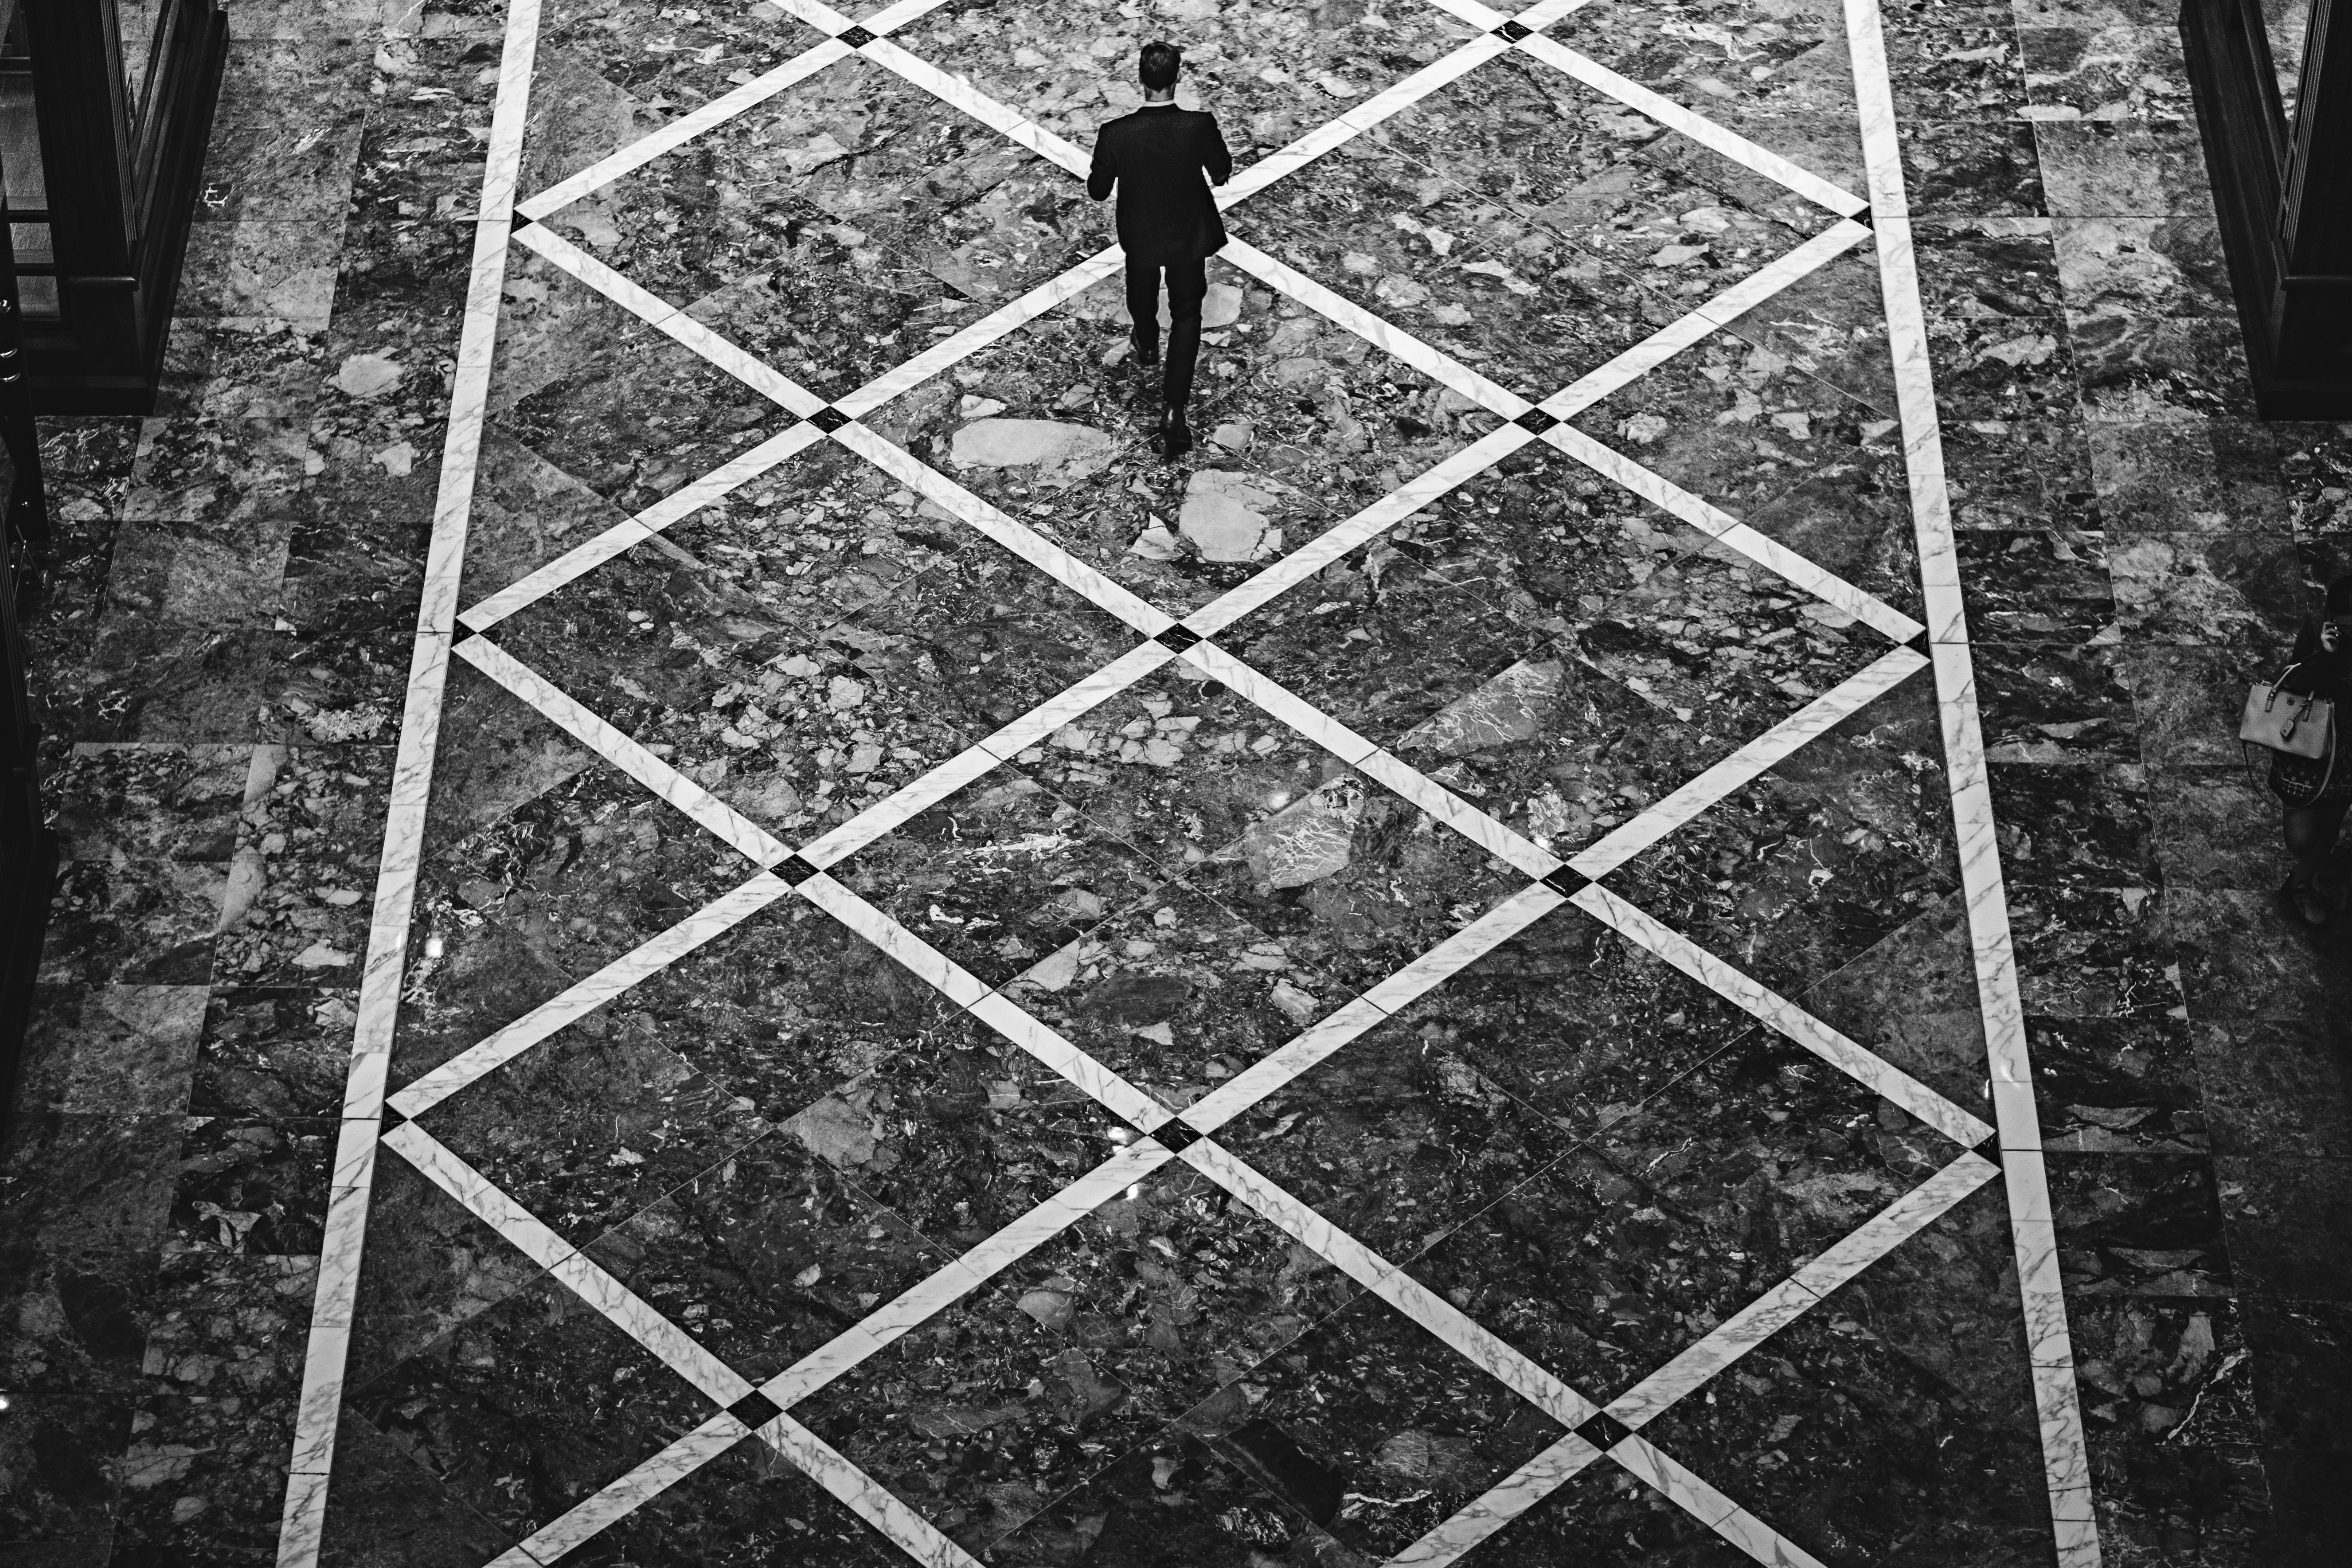 A male walking down a diamond-patterned street.